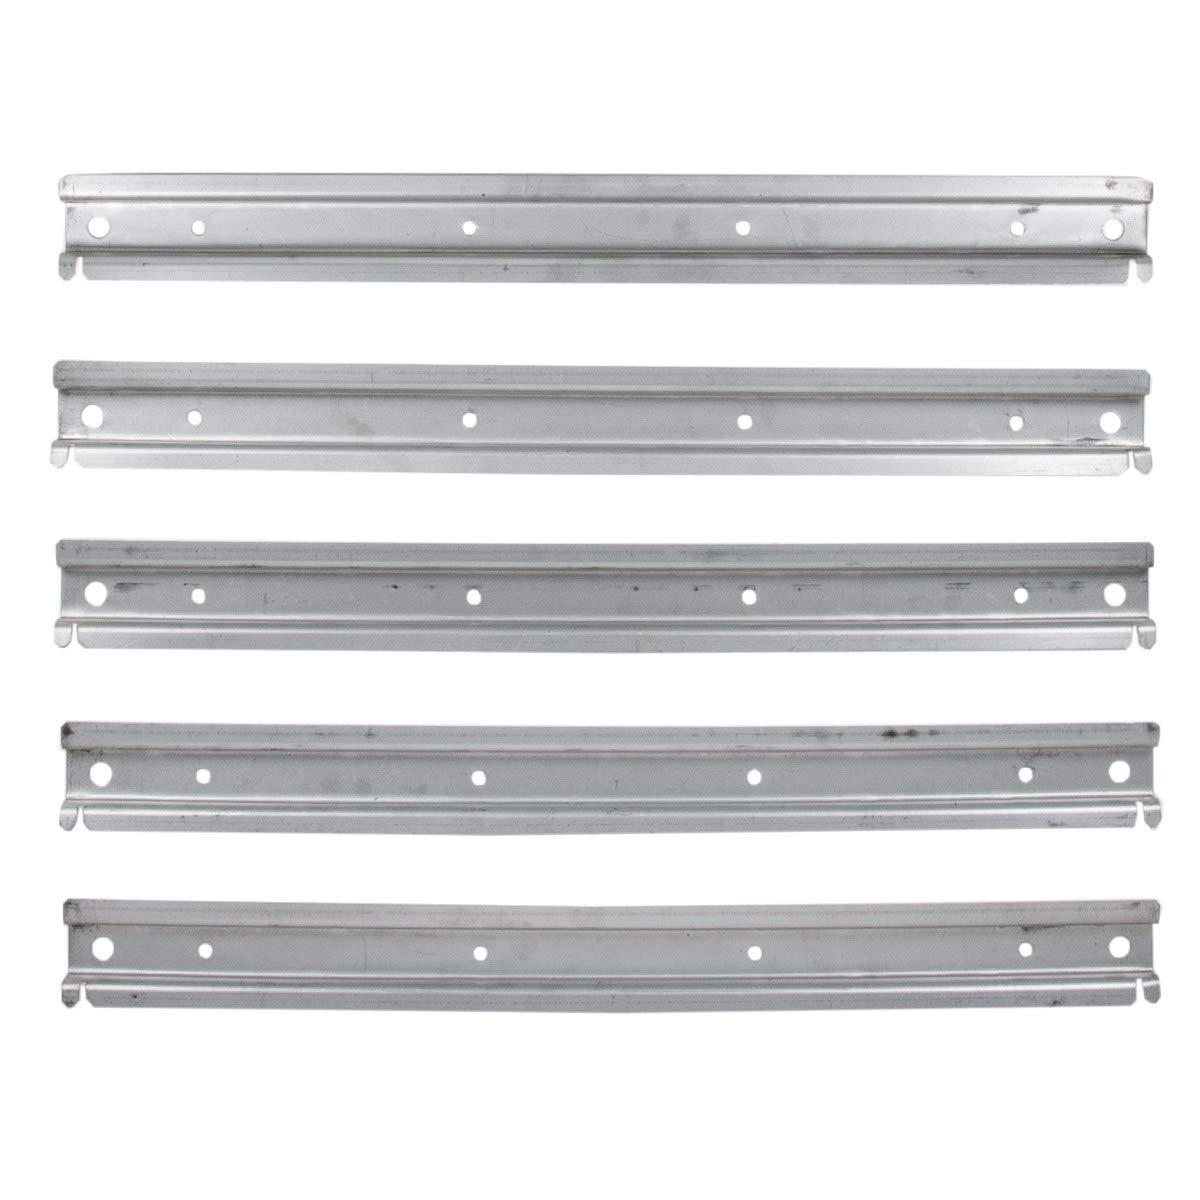 5 St/ück universelle Wandleiste aus Metall f/ür Lagerboxen und Schraubenkisten Werkstattwand